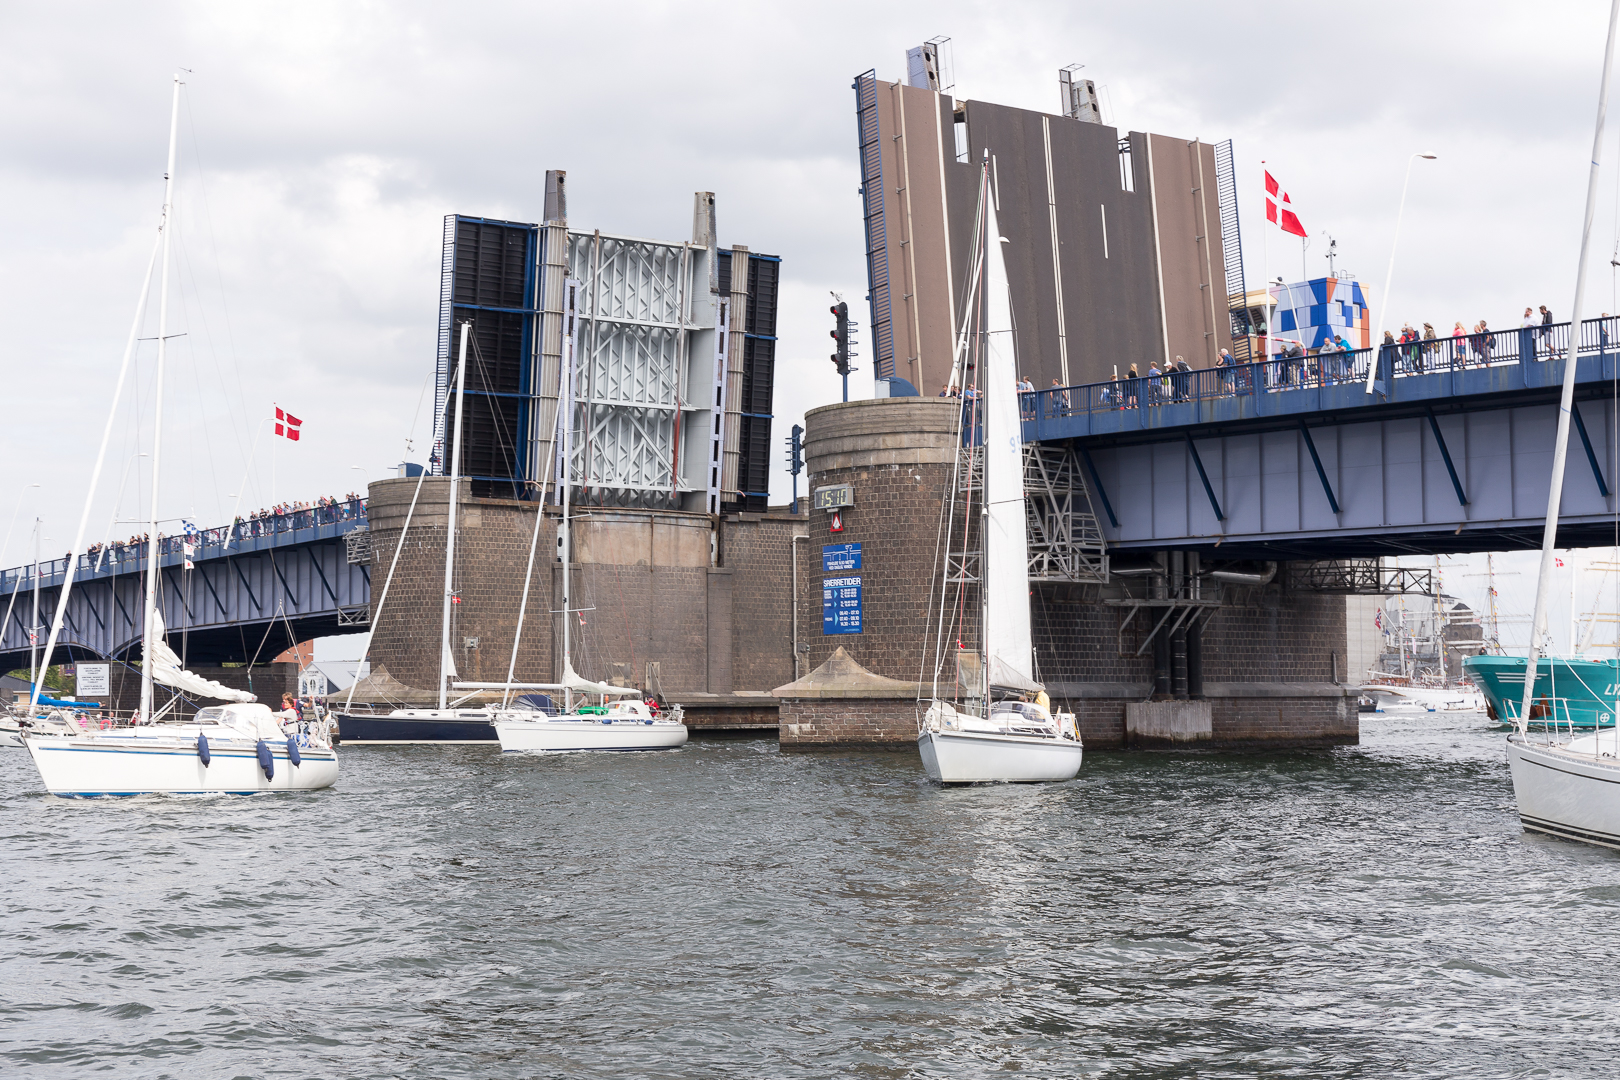 Limfjordsbroen i myldretiden, set fra sydvest mod nordøst